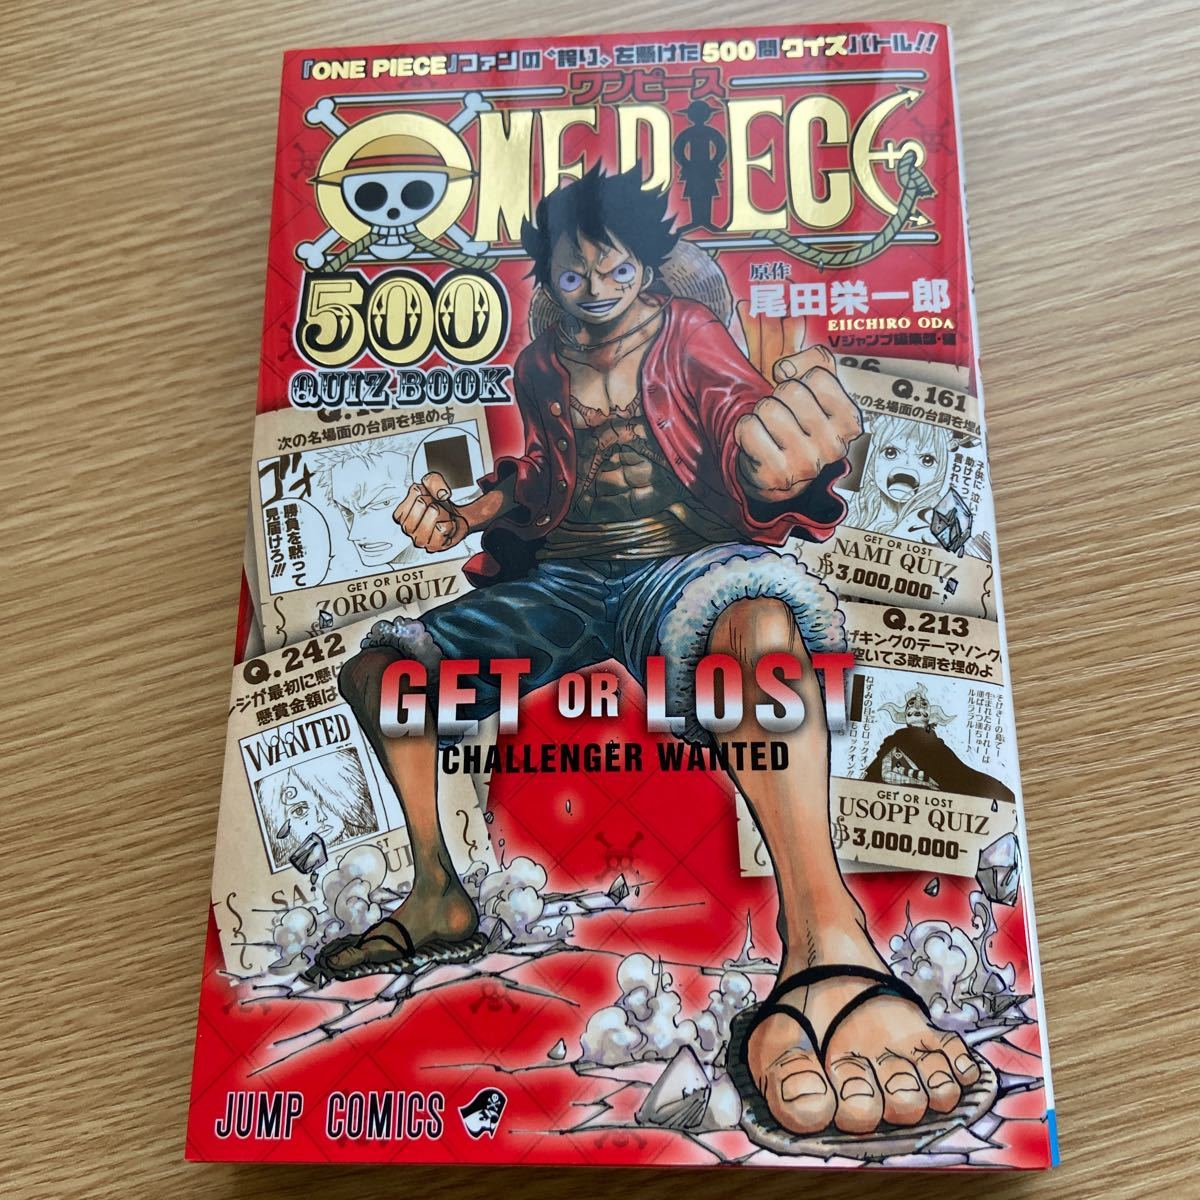 ONE PIECE 500 QUIZ BOOK/尾田栄一郎/Vジャンプ編集部